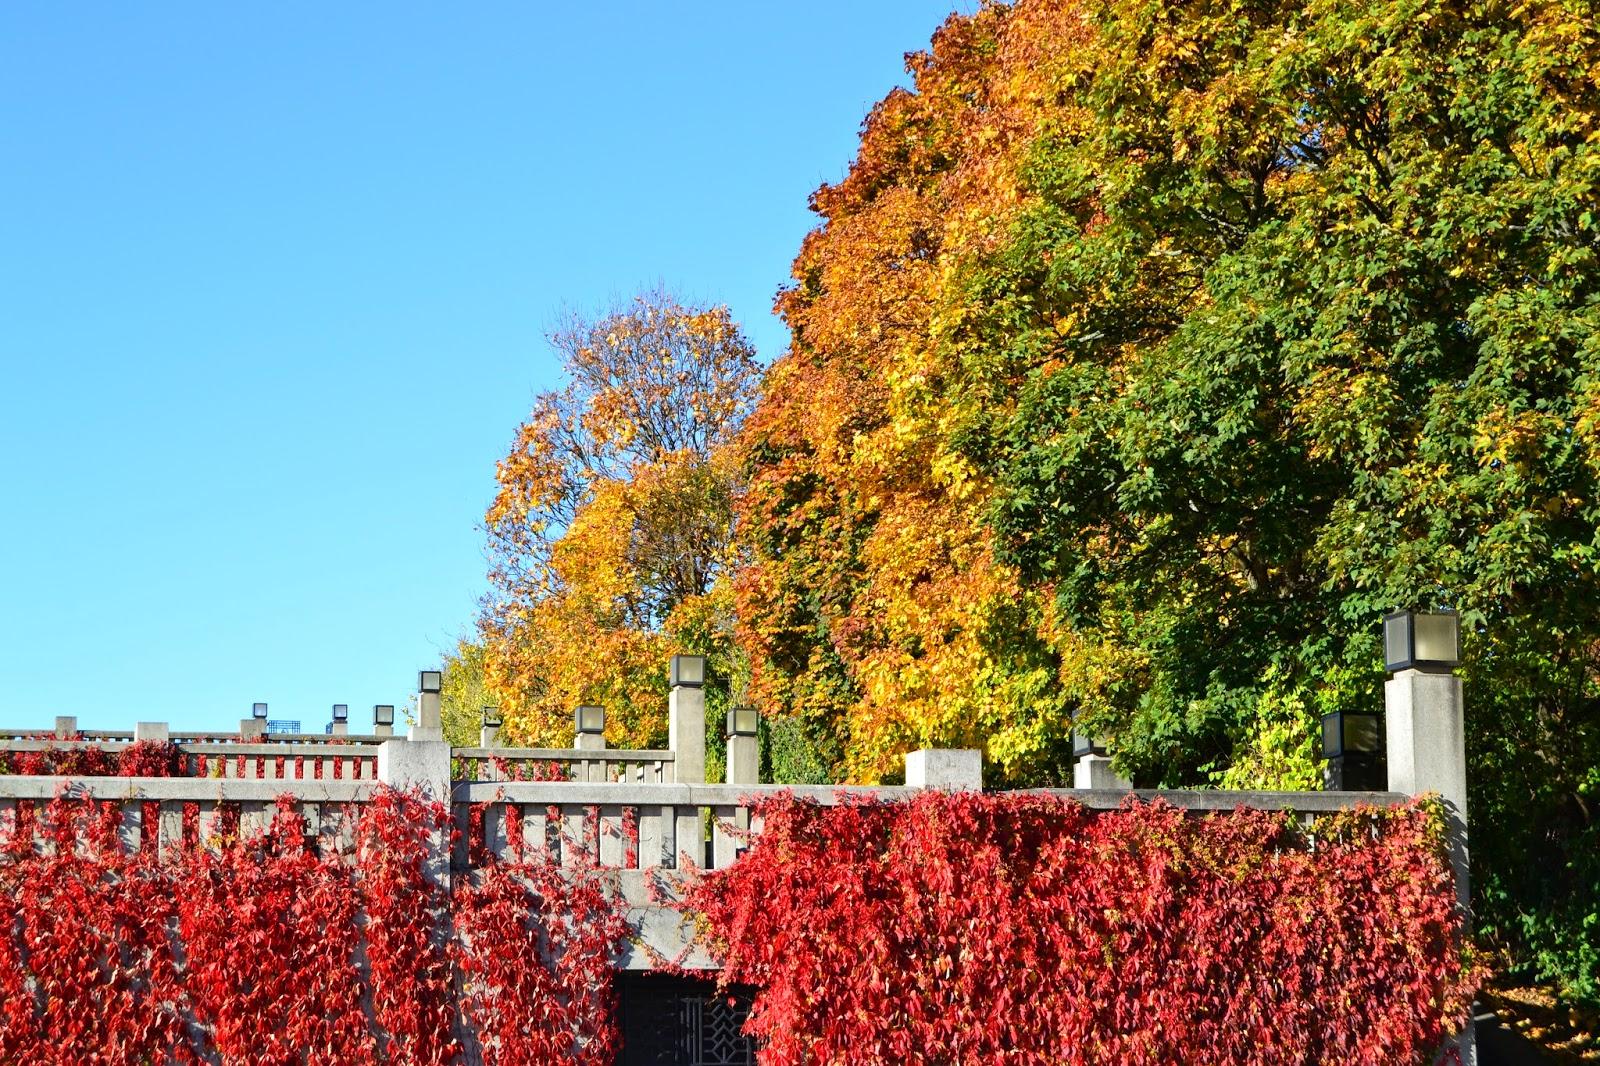 vigeland autumn colors